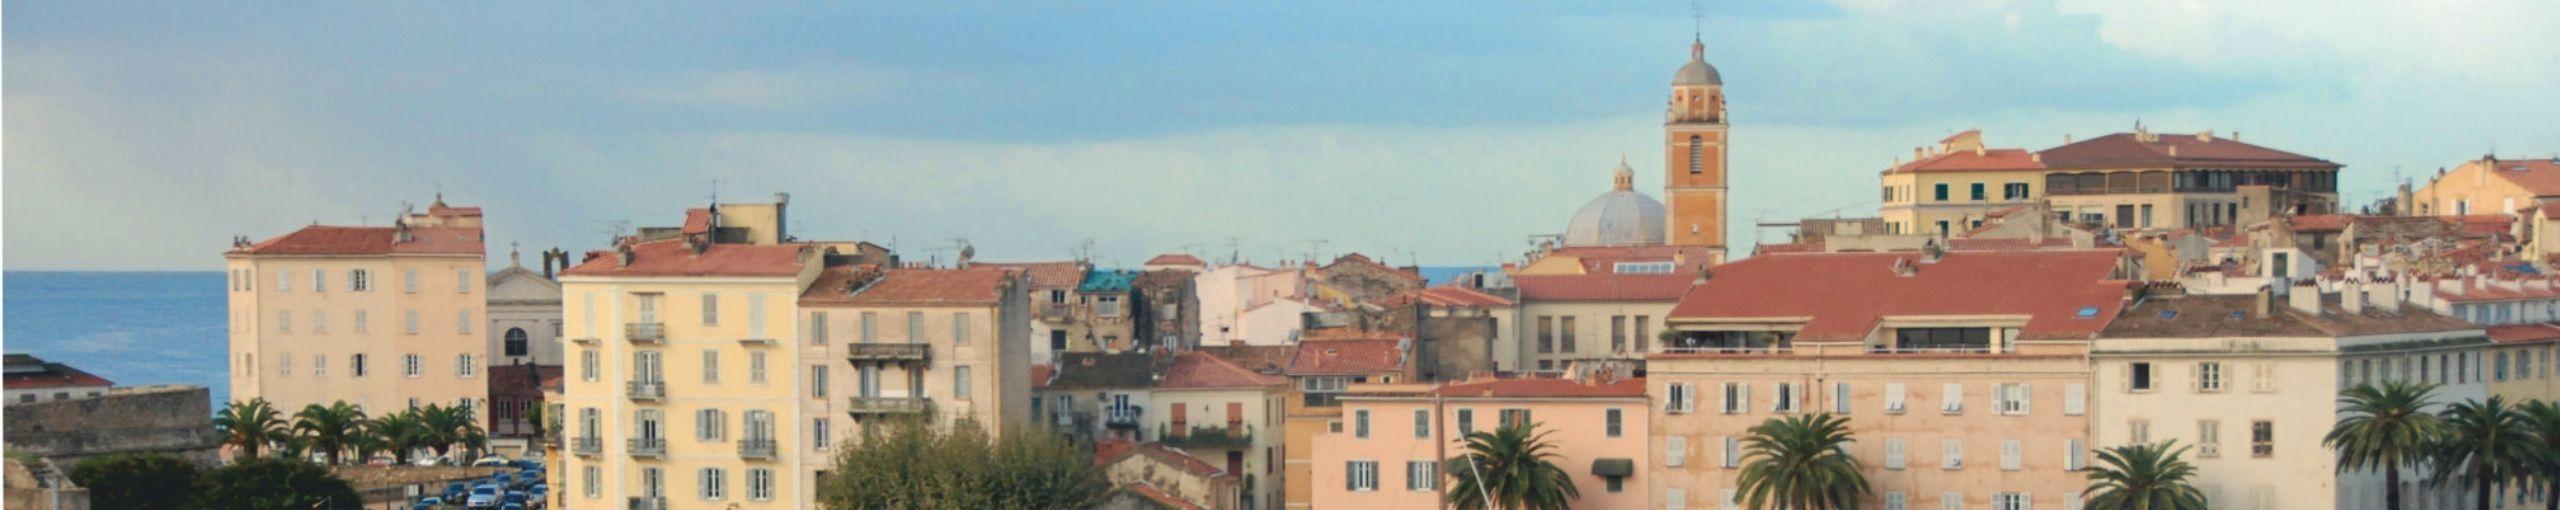 Ajaccio, Córcega del Sur. Francia.